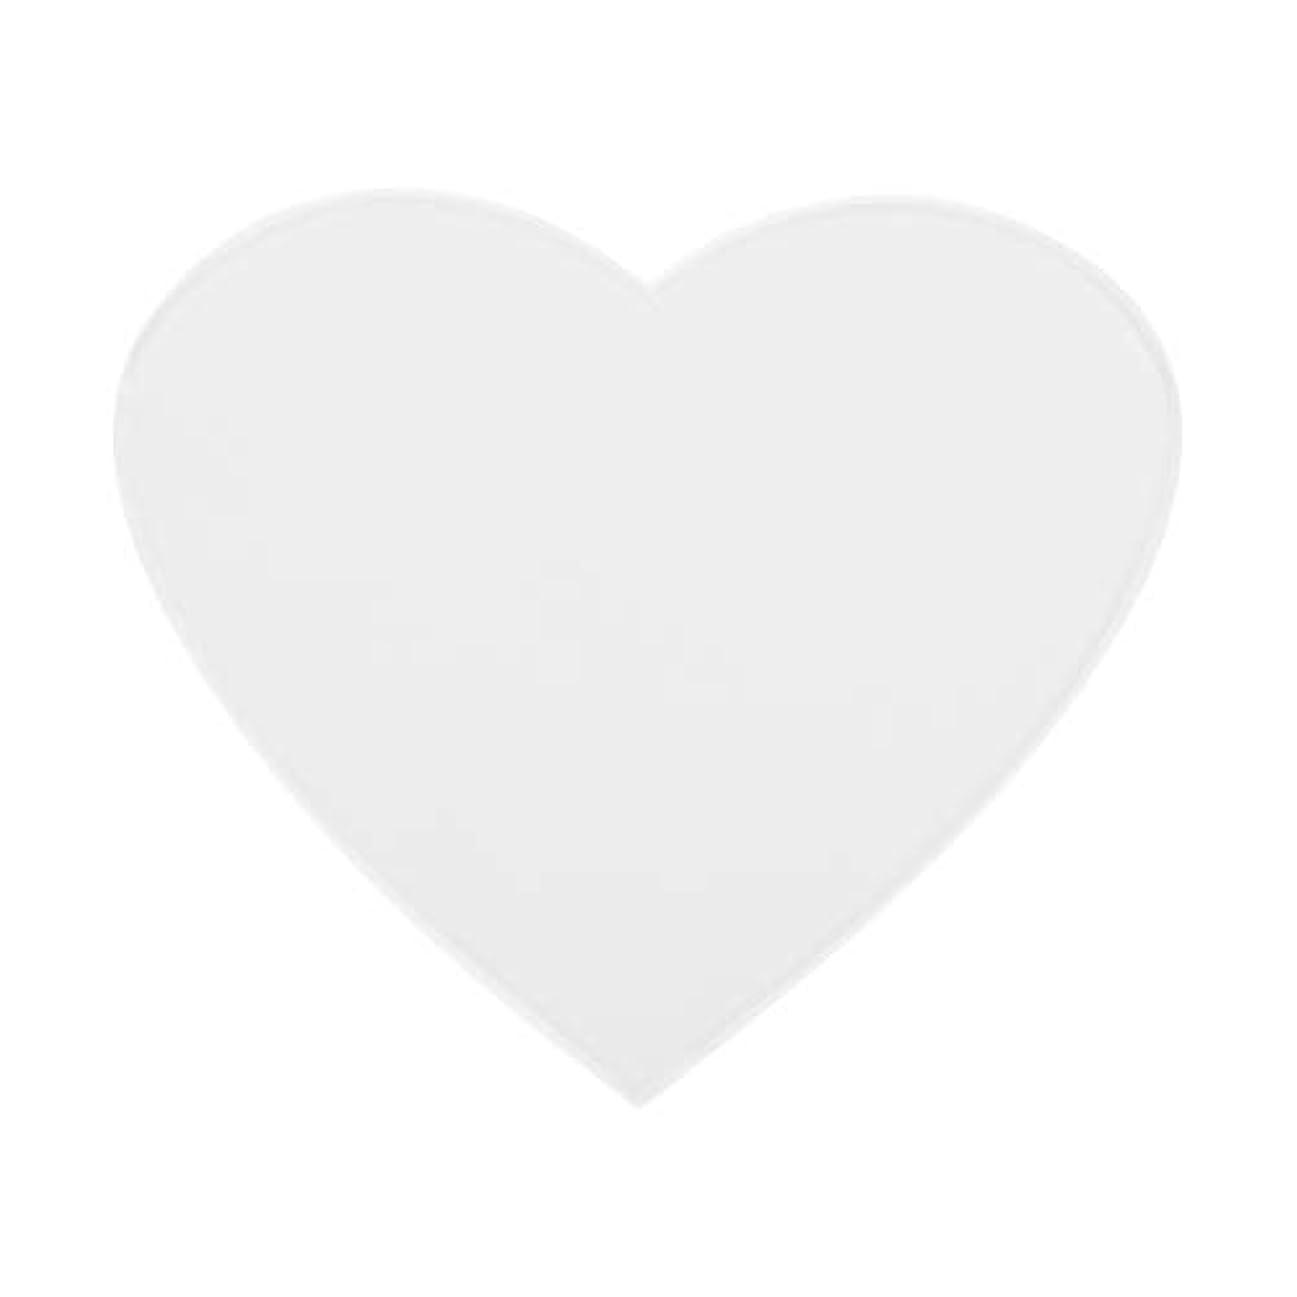 パシフィック脚素子アンチリンクルシリコンチェストパッドケア再利用可能パッド(心臓)